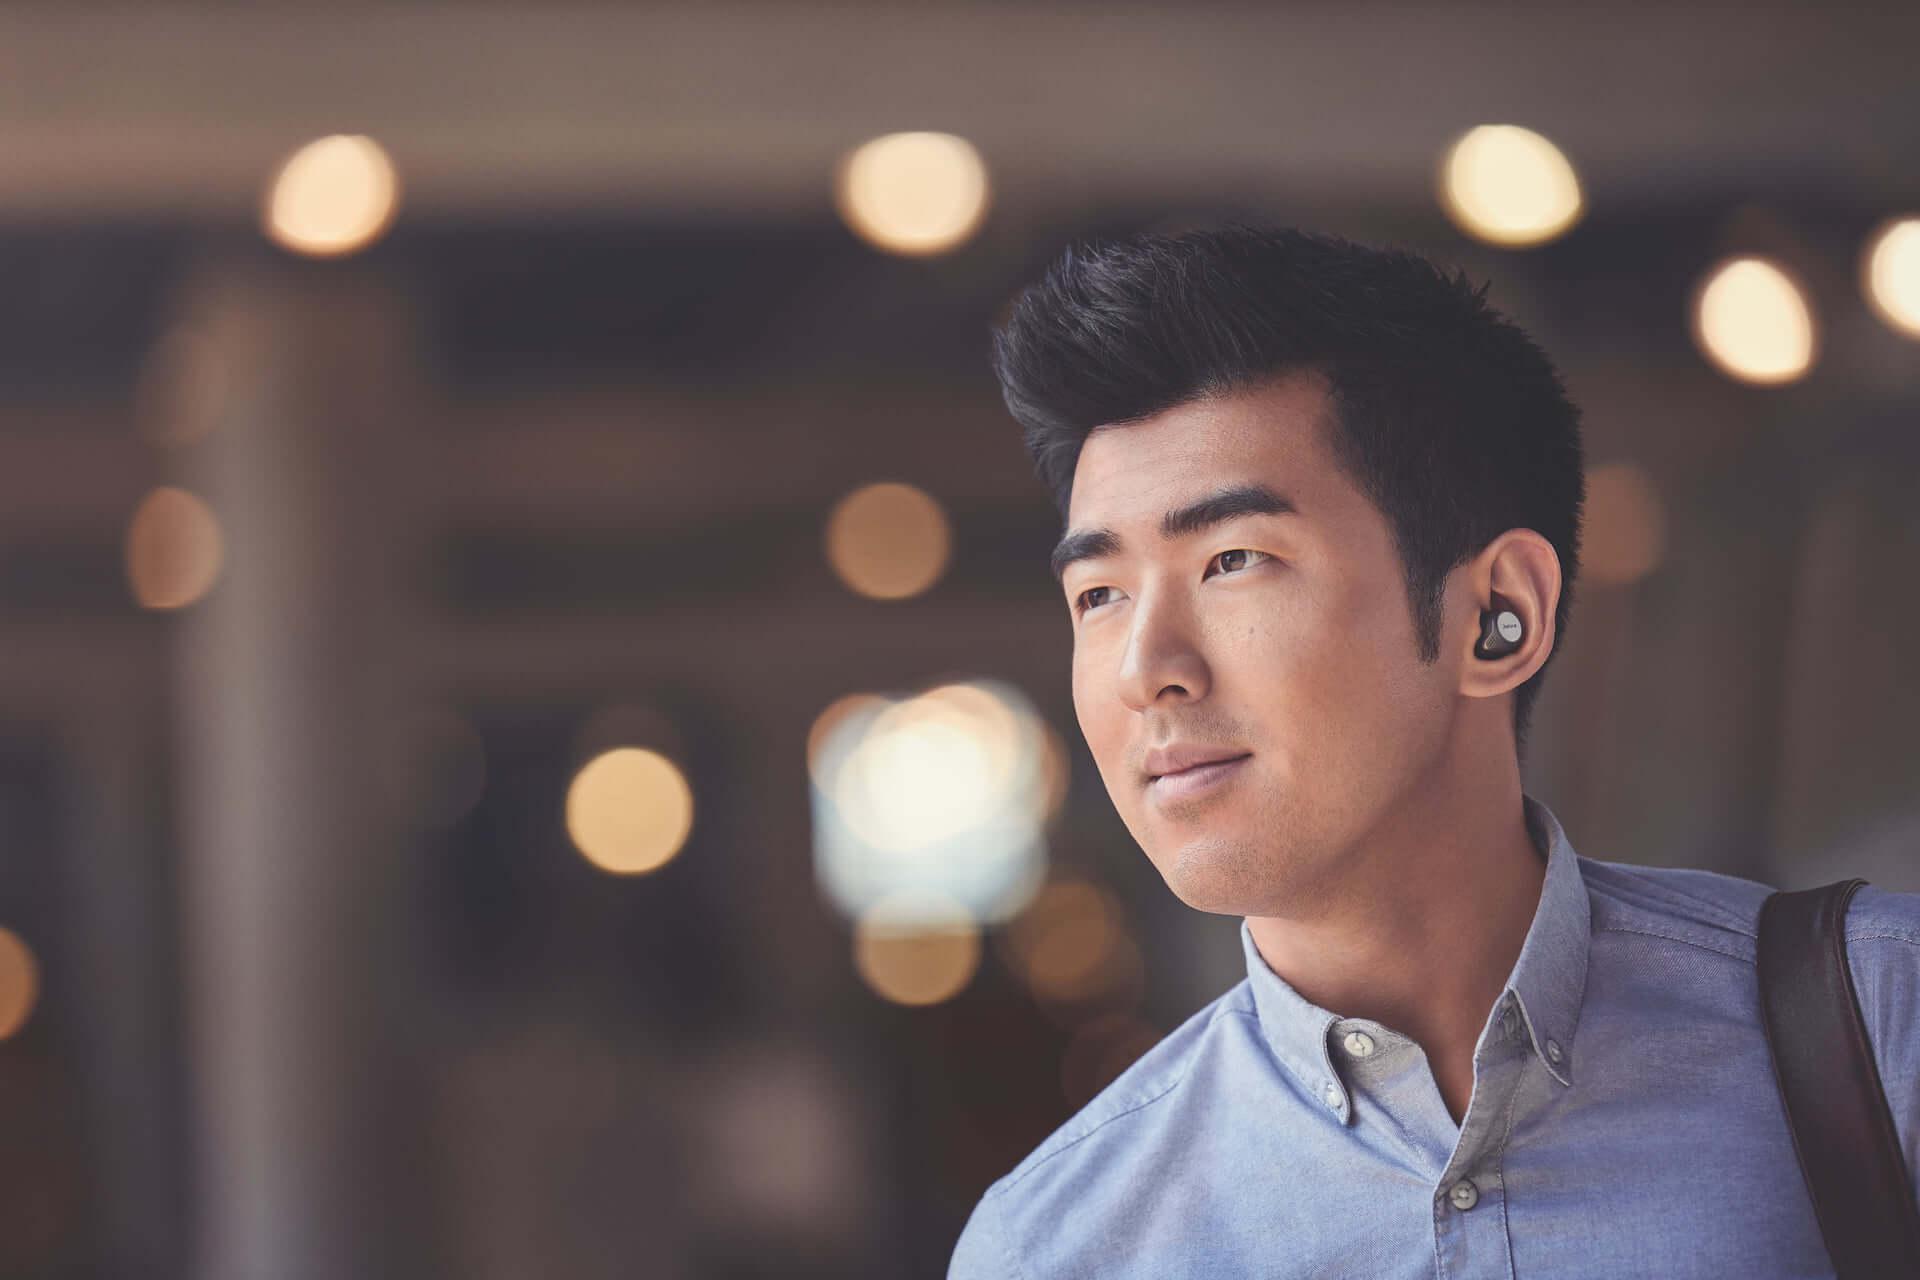 バッテリー持続時間が驚異の7.5時間!第4世代の完全ワイヤレスイヤホン「Elite 75t」が登場 tech190906_jabra_earphone_5-1920x1280